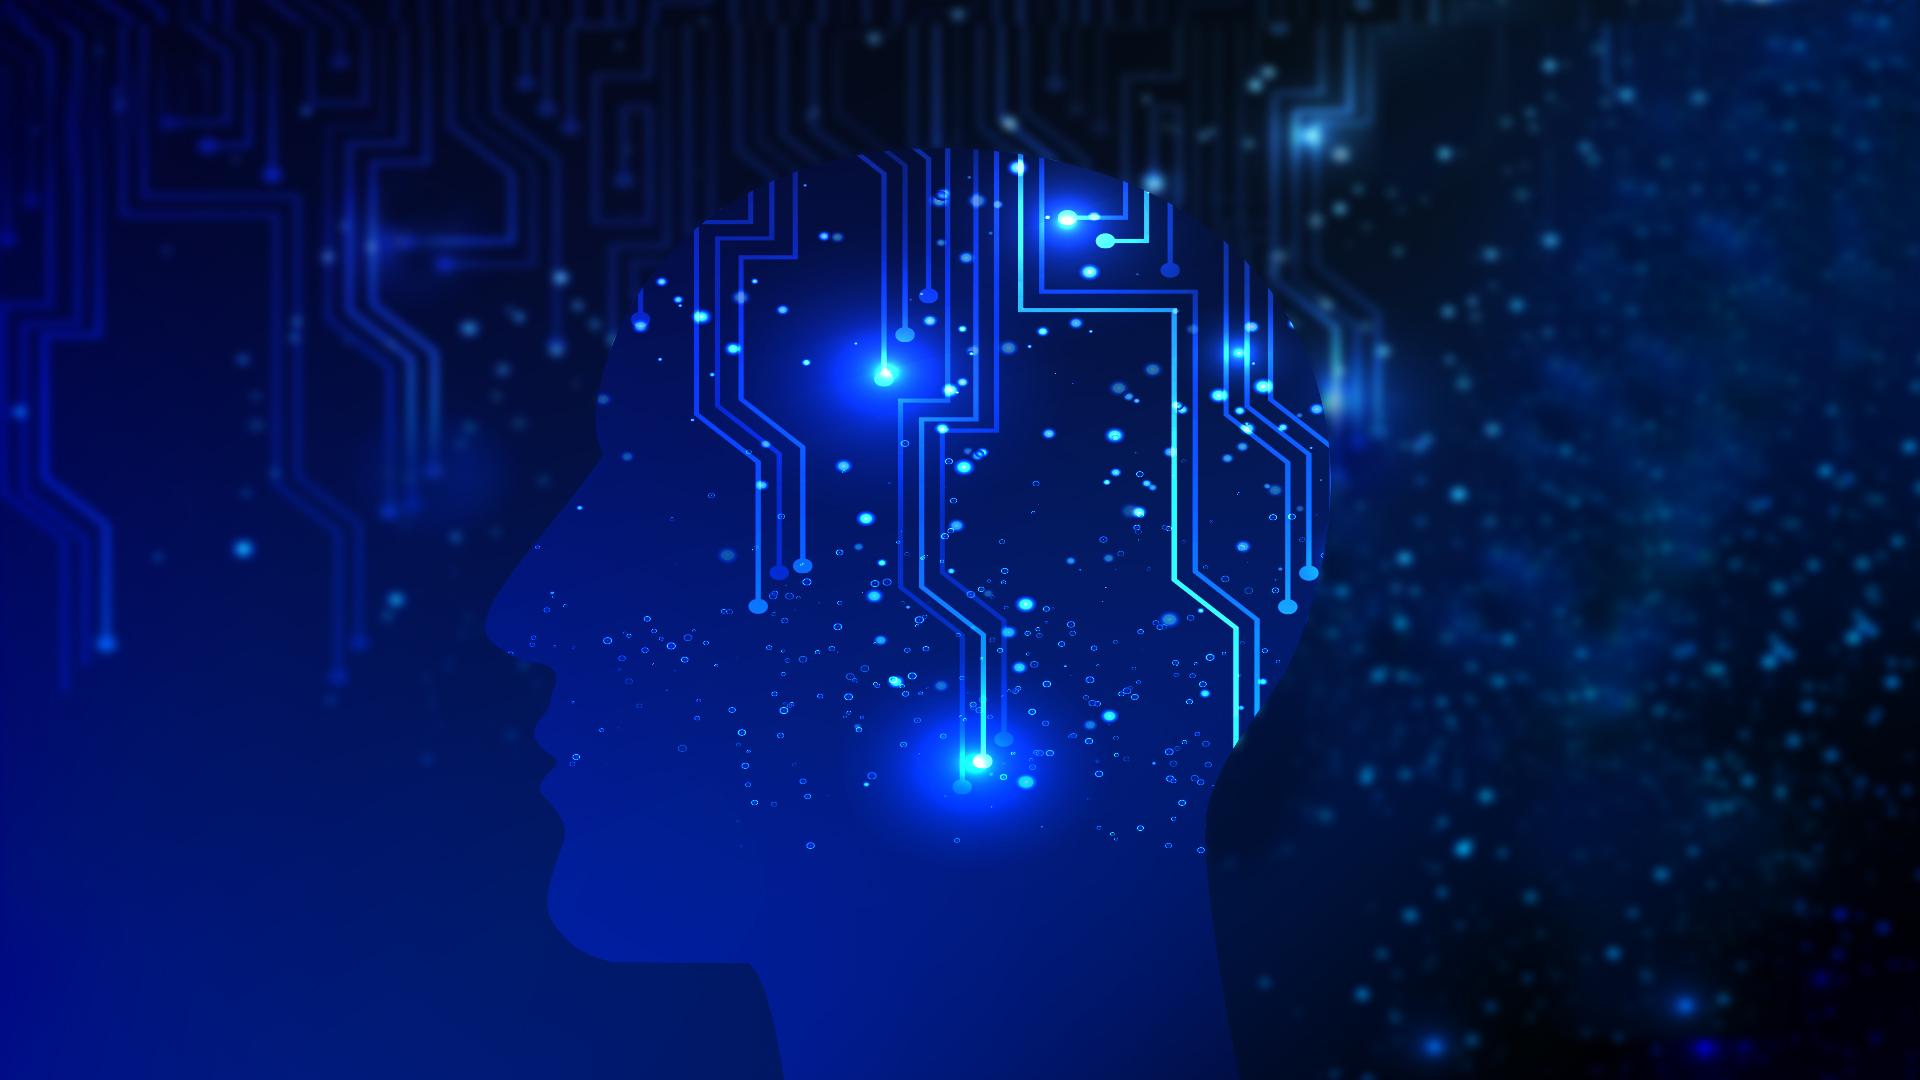 saul-ameliach-orta--consultor-tecnologico-saul-ameliach--inteligencia-artificial--inteligencia-artificial-crecer-a-2979-en-el-mercado-de-comercializacin-hasta-2025-noticias